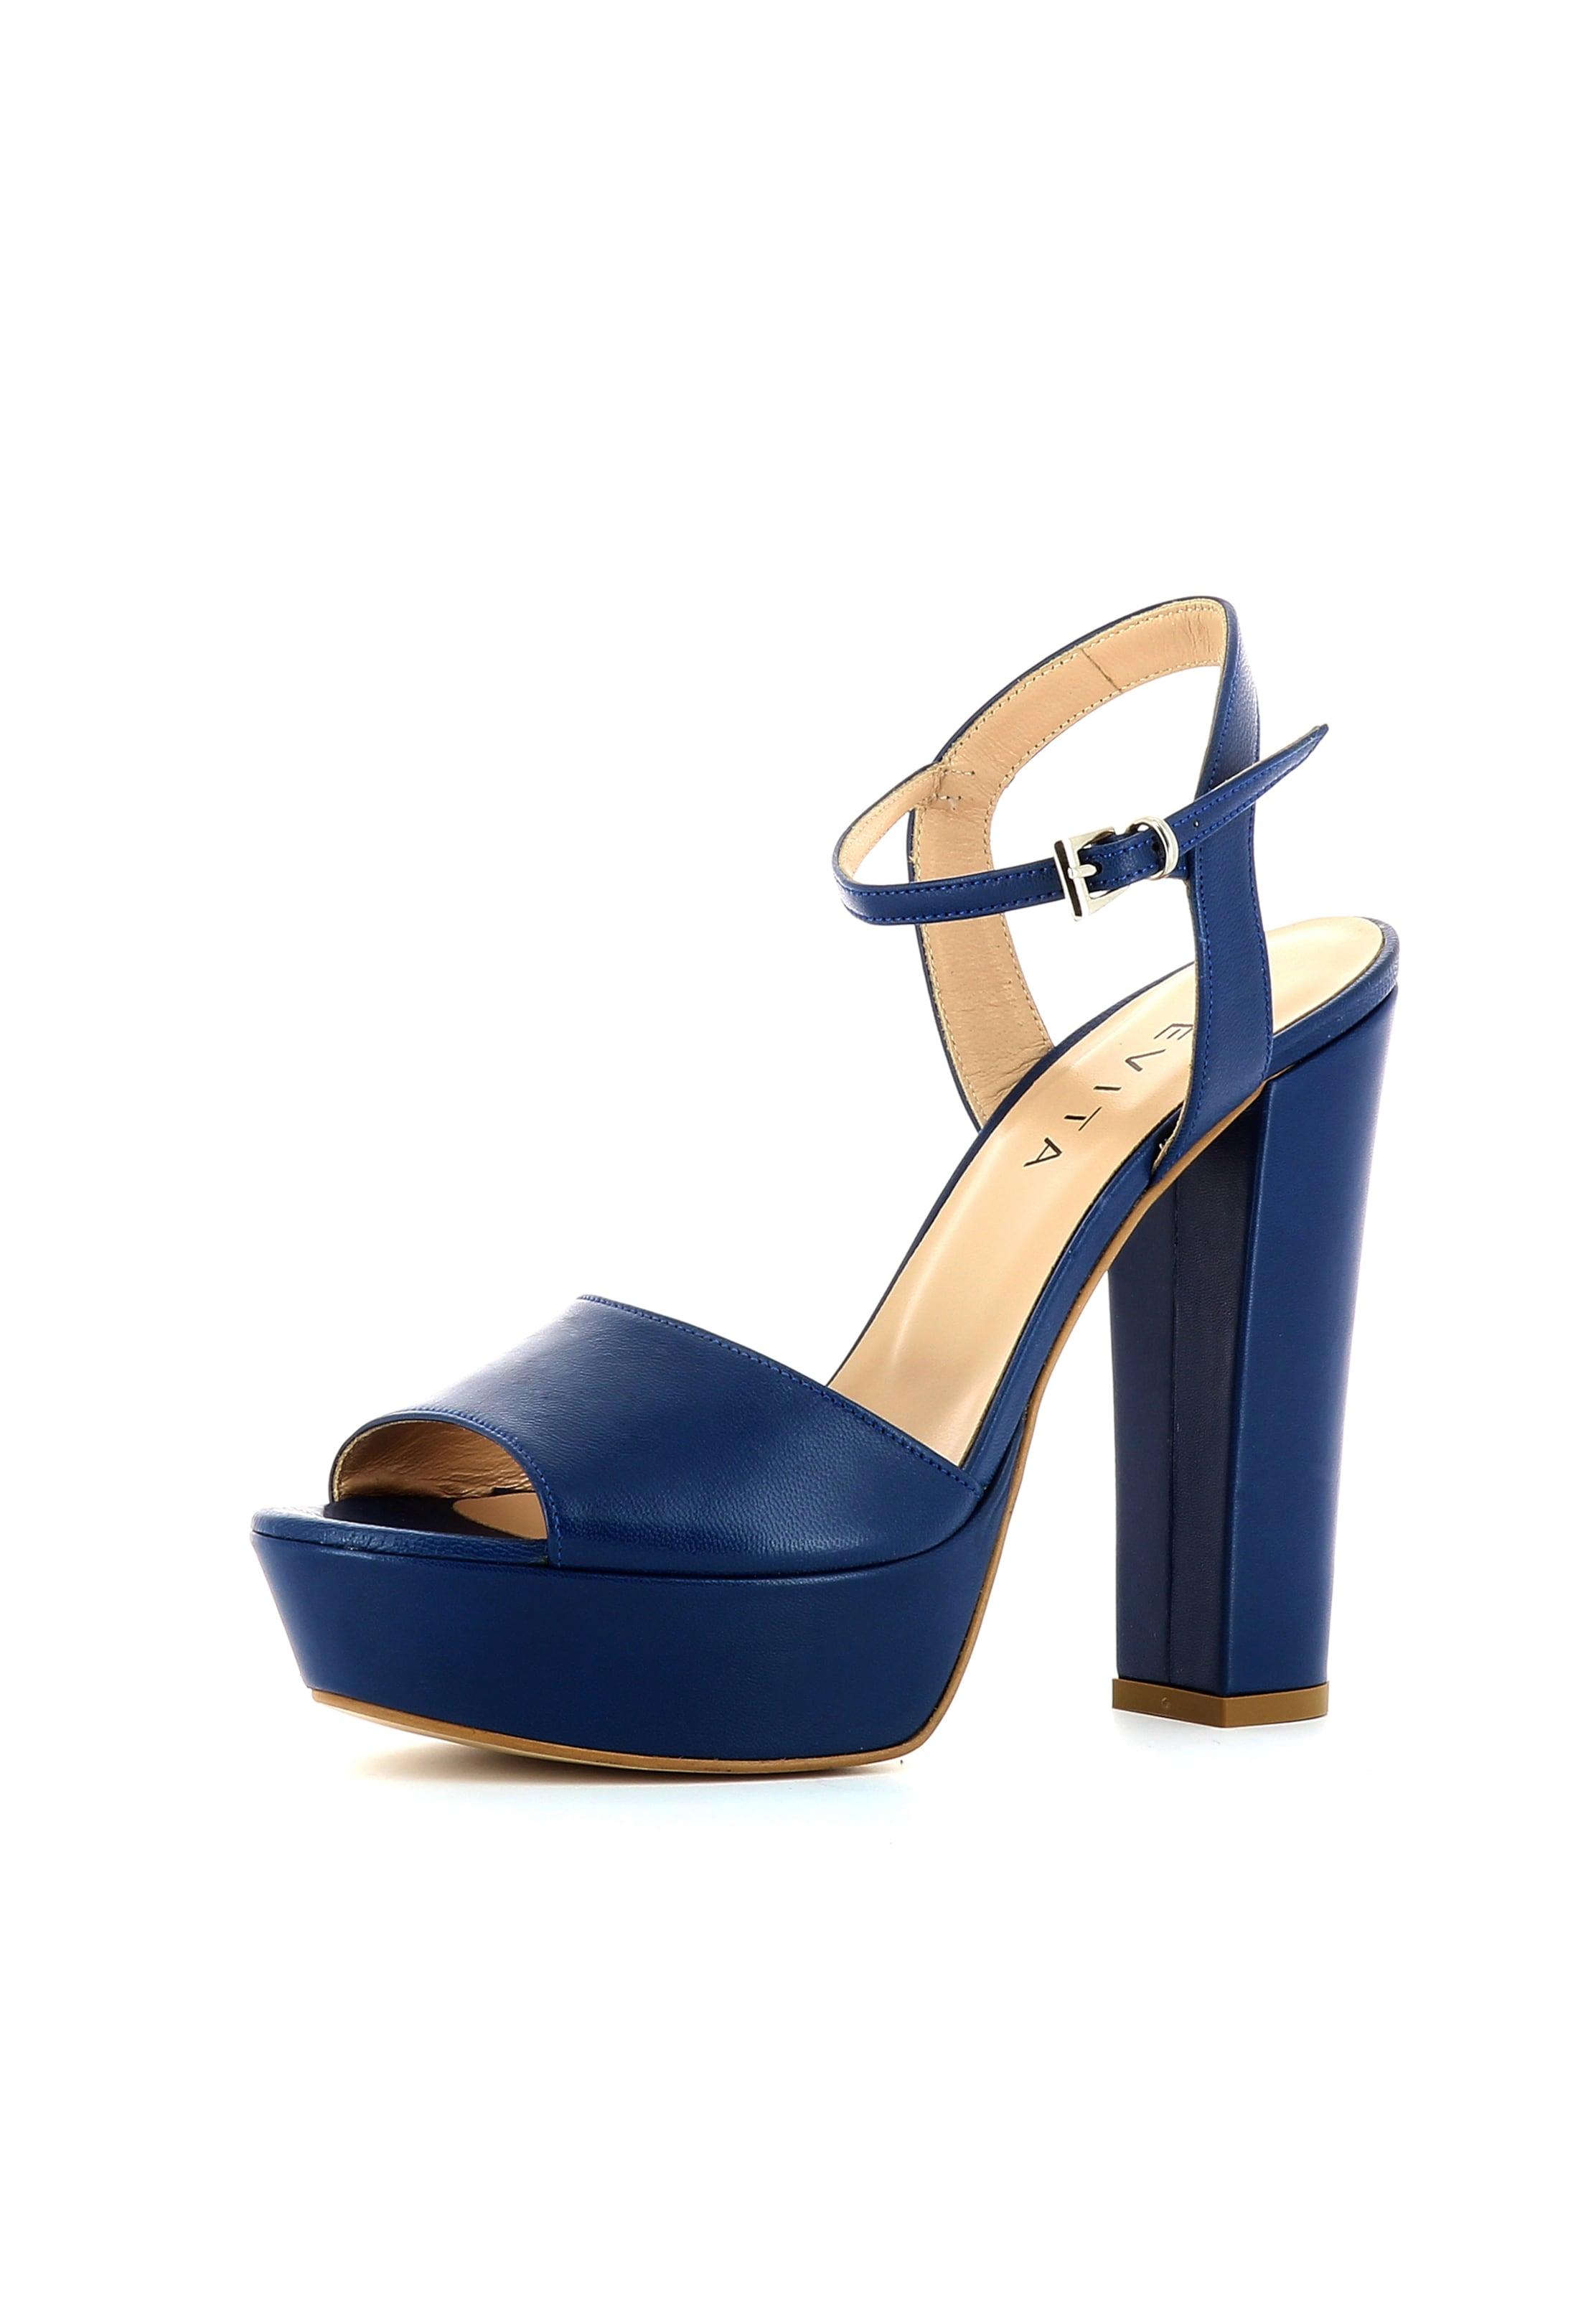 EVITA Damen Sandalette Günstigen Preis Kaufen Rabatt 4pSdAQreLp